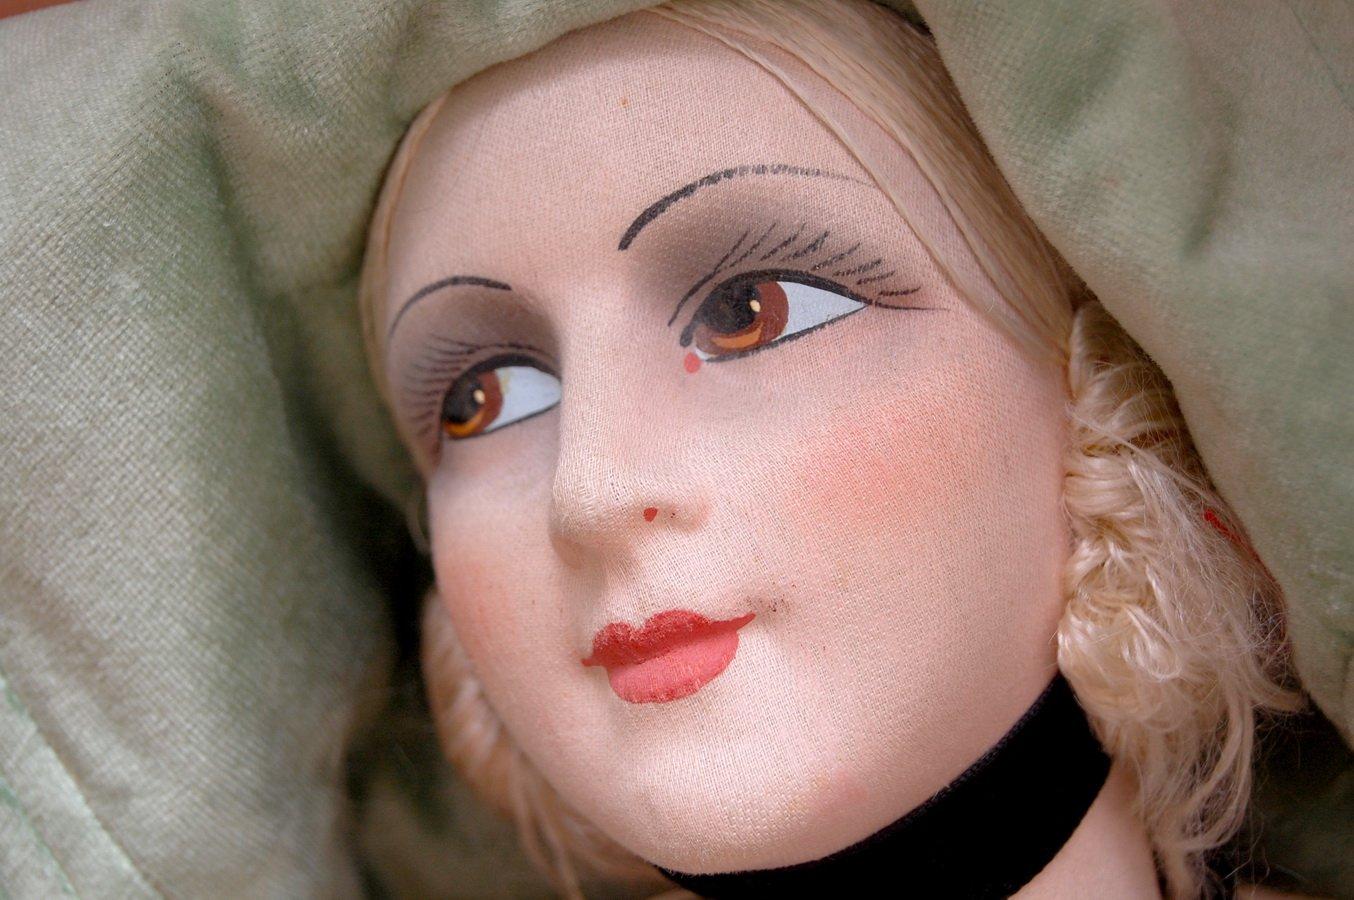 антикварная будуарная кукла с нарисованными ресницами